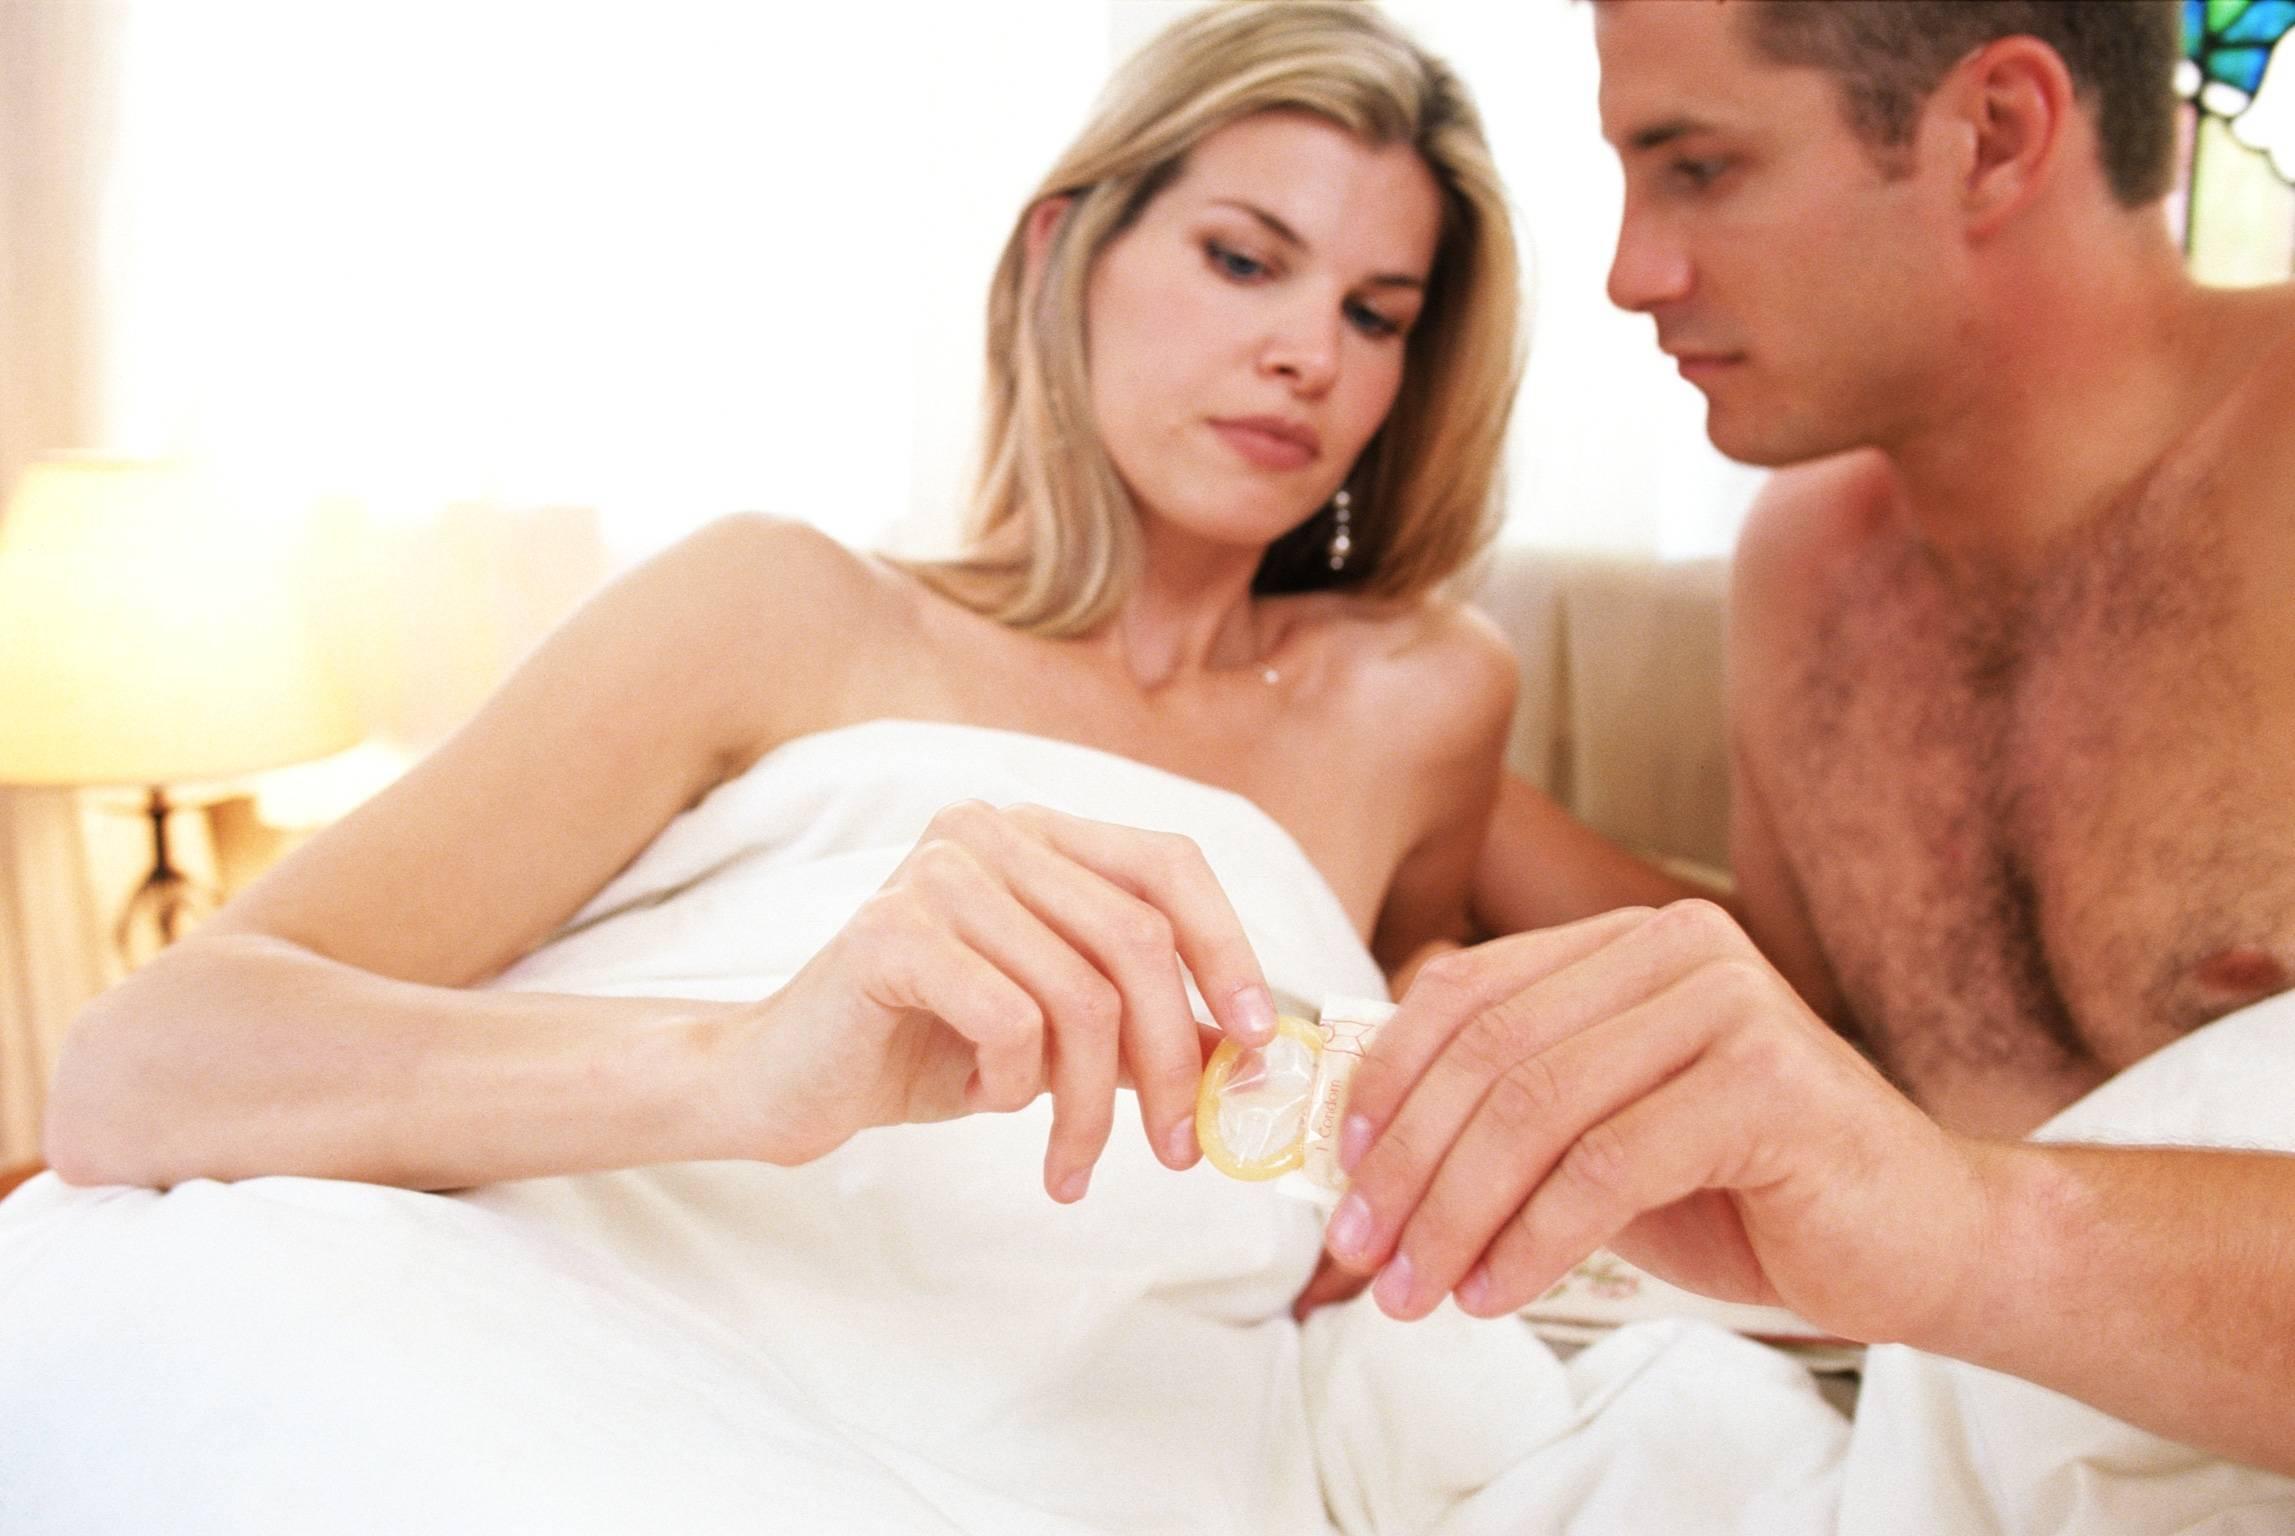 Почему жена не хочет мужа – причины отказа интимной близости